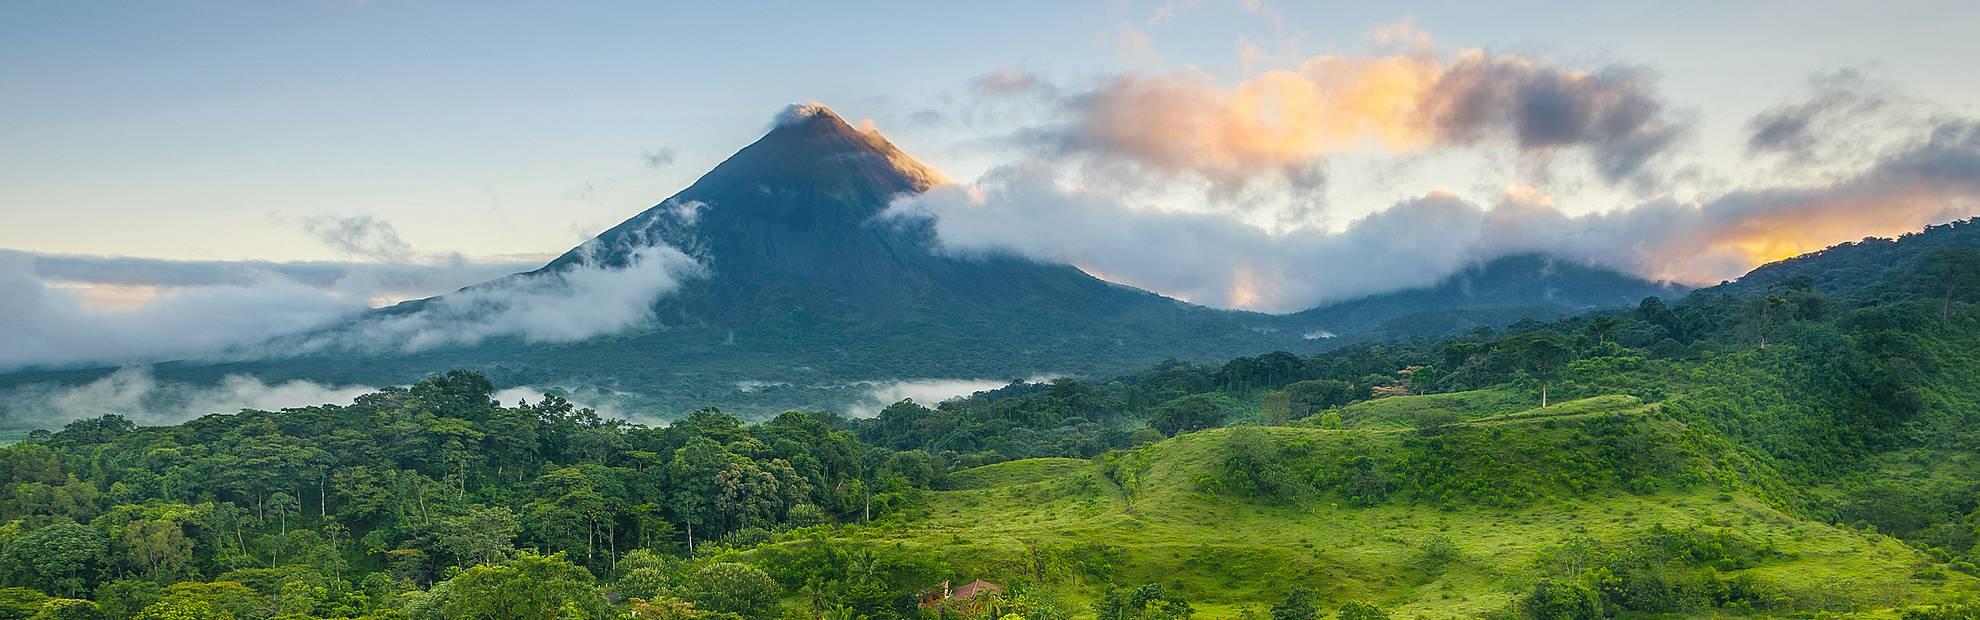 Viaggi in Costa Rica